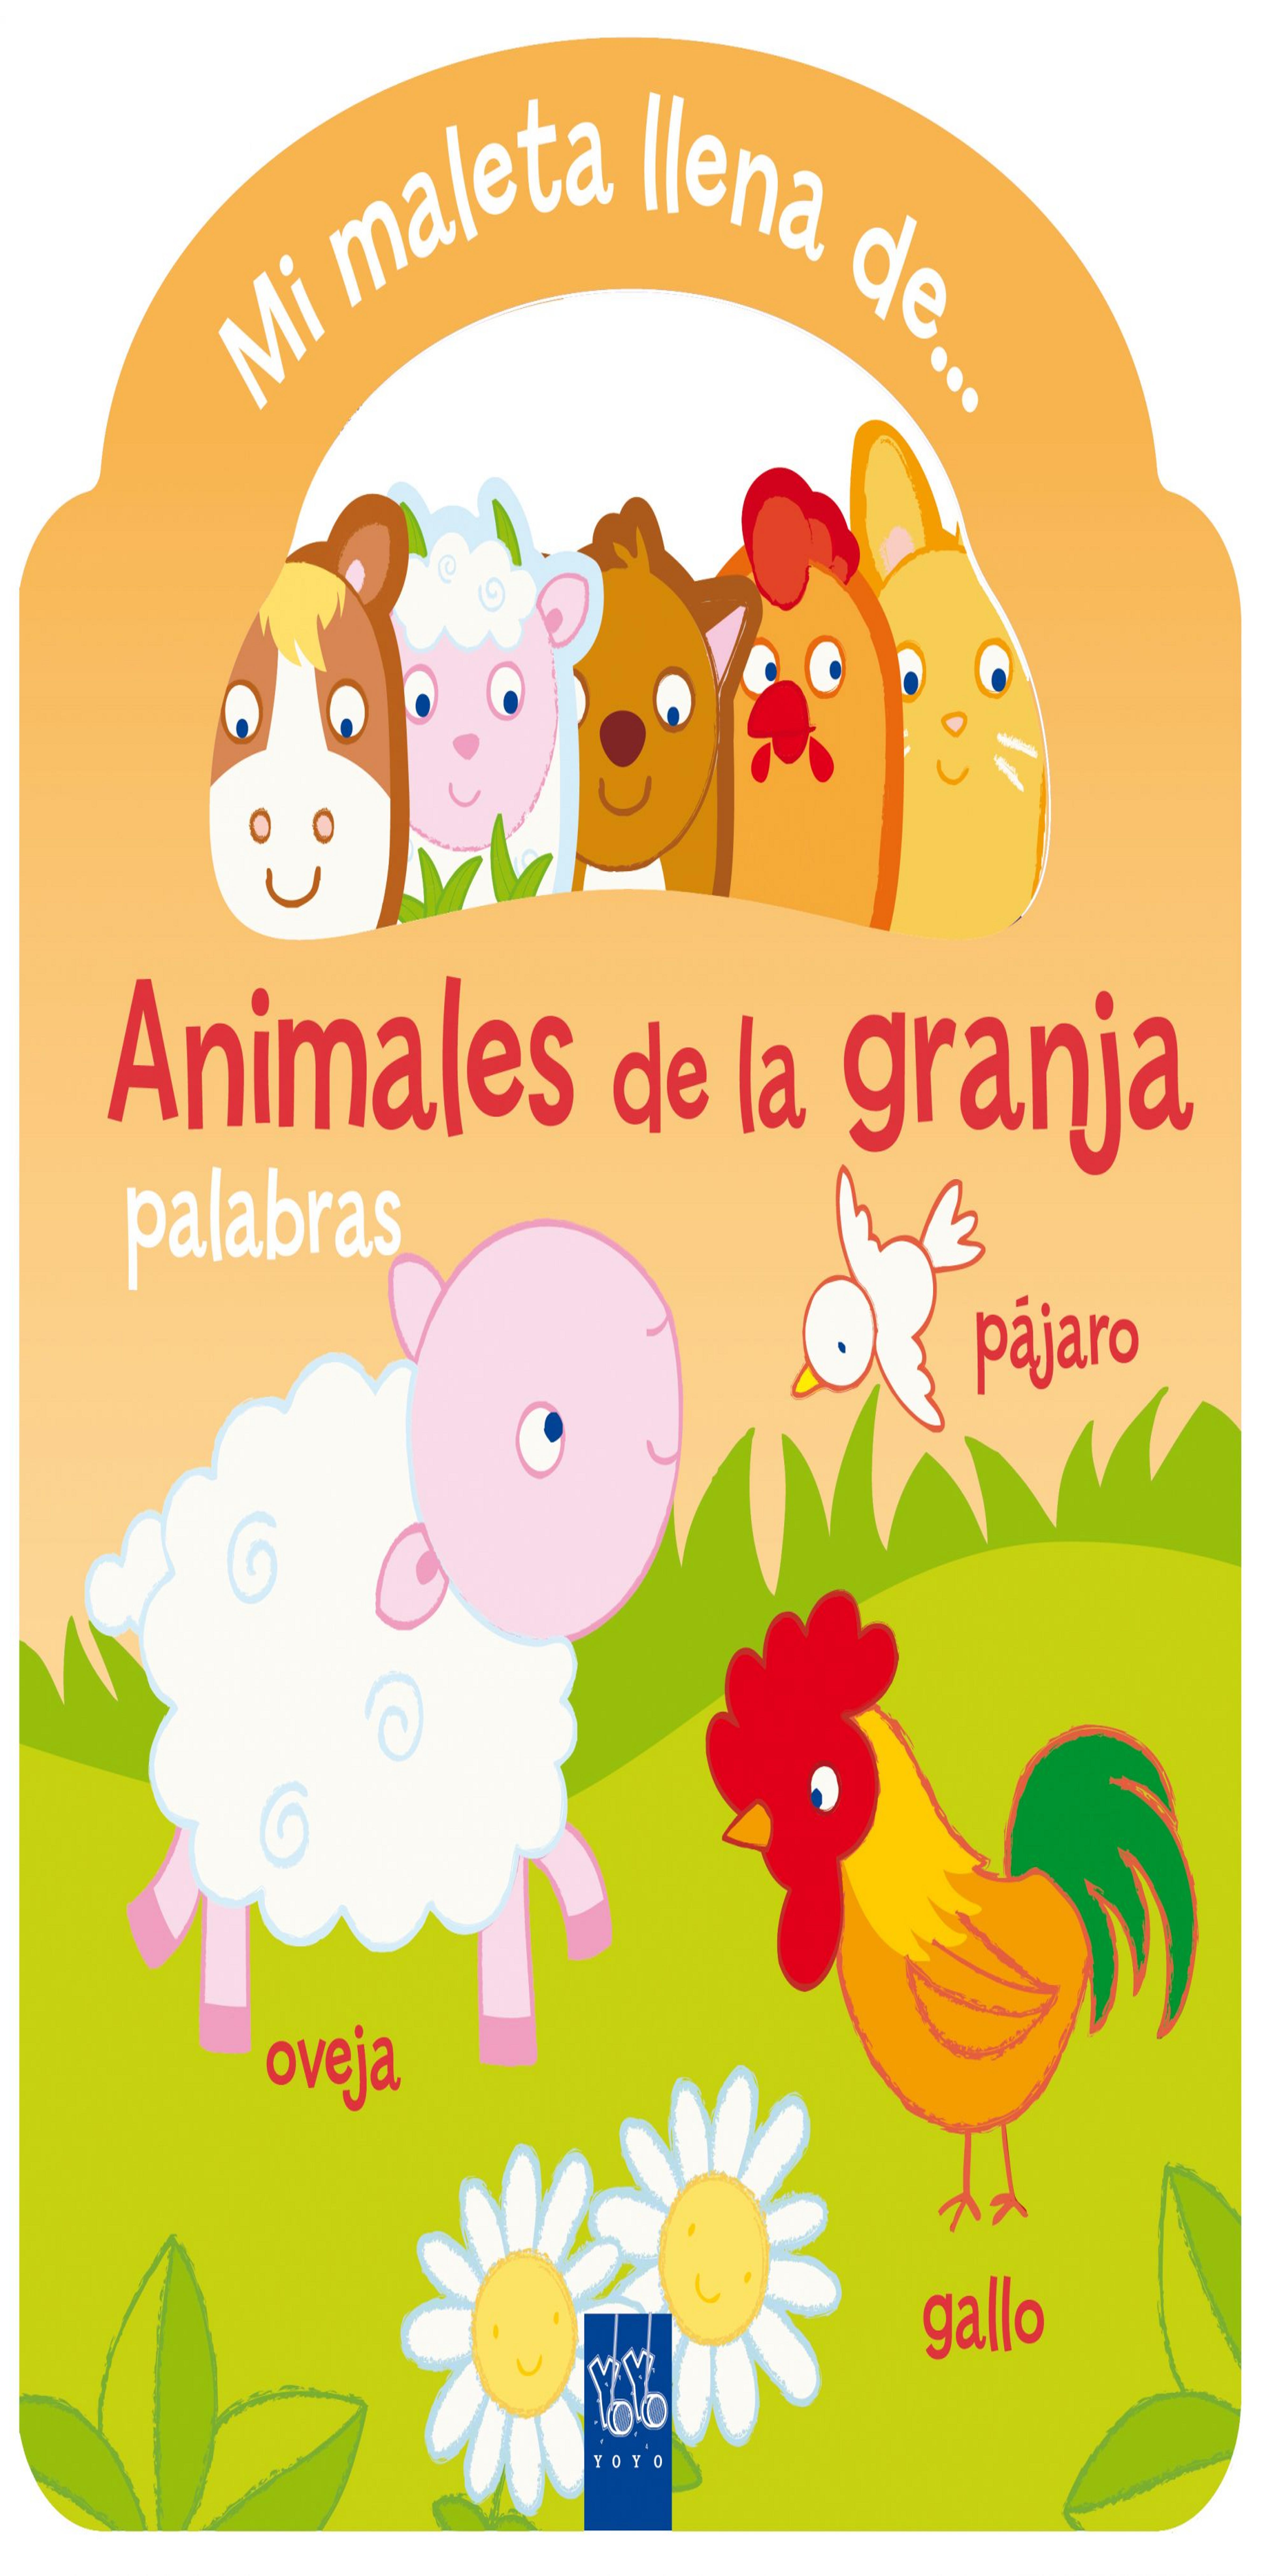 ANIMALES DE LA GRANJA: PALABRAS - Mi Maleta Llena de...